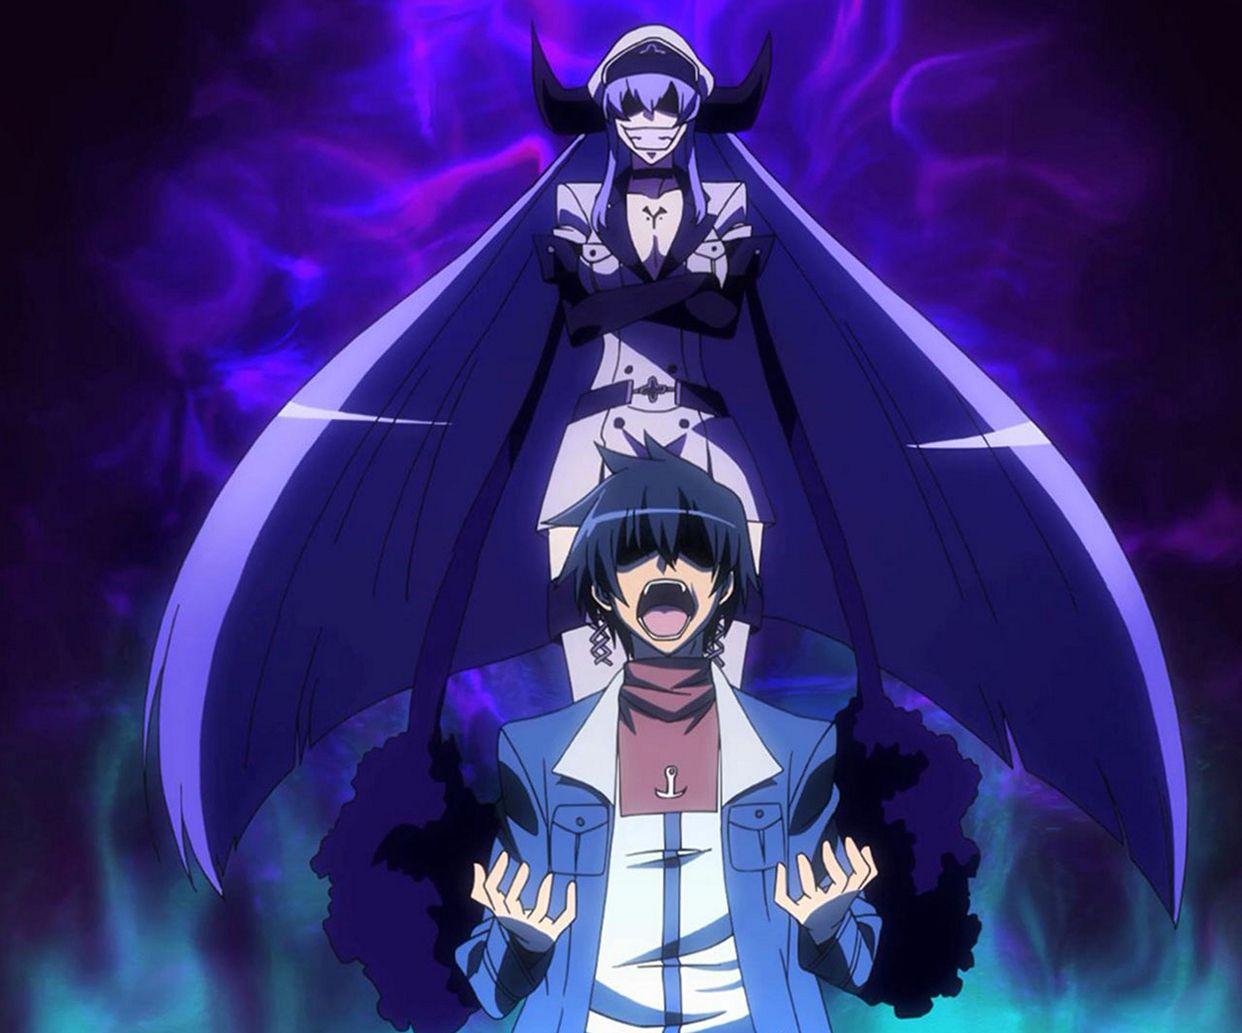 Image for naruto akame ga kill fanfiction | Animé | Akame ga